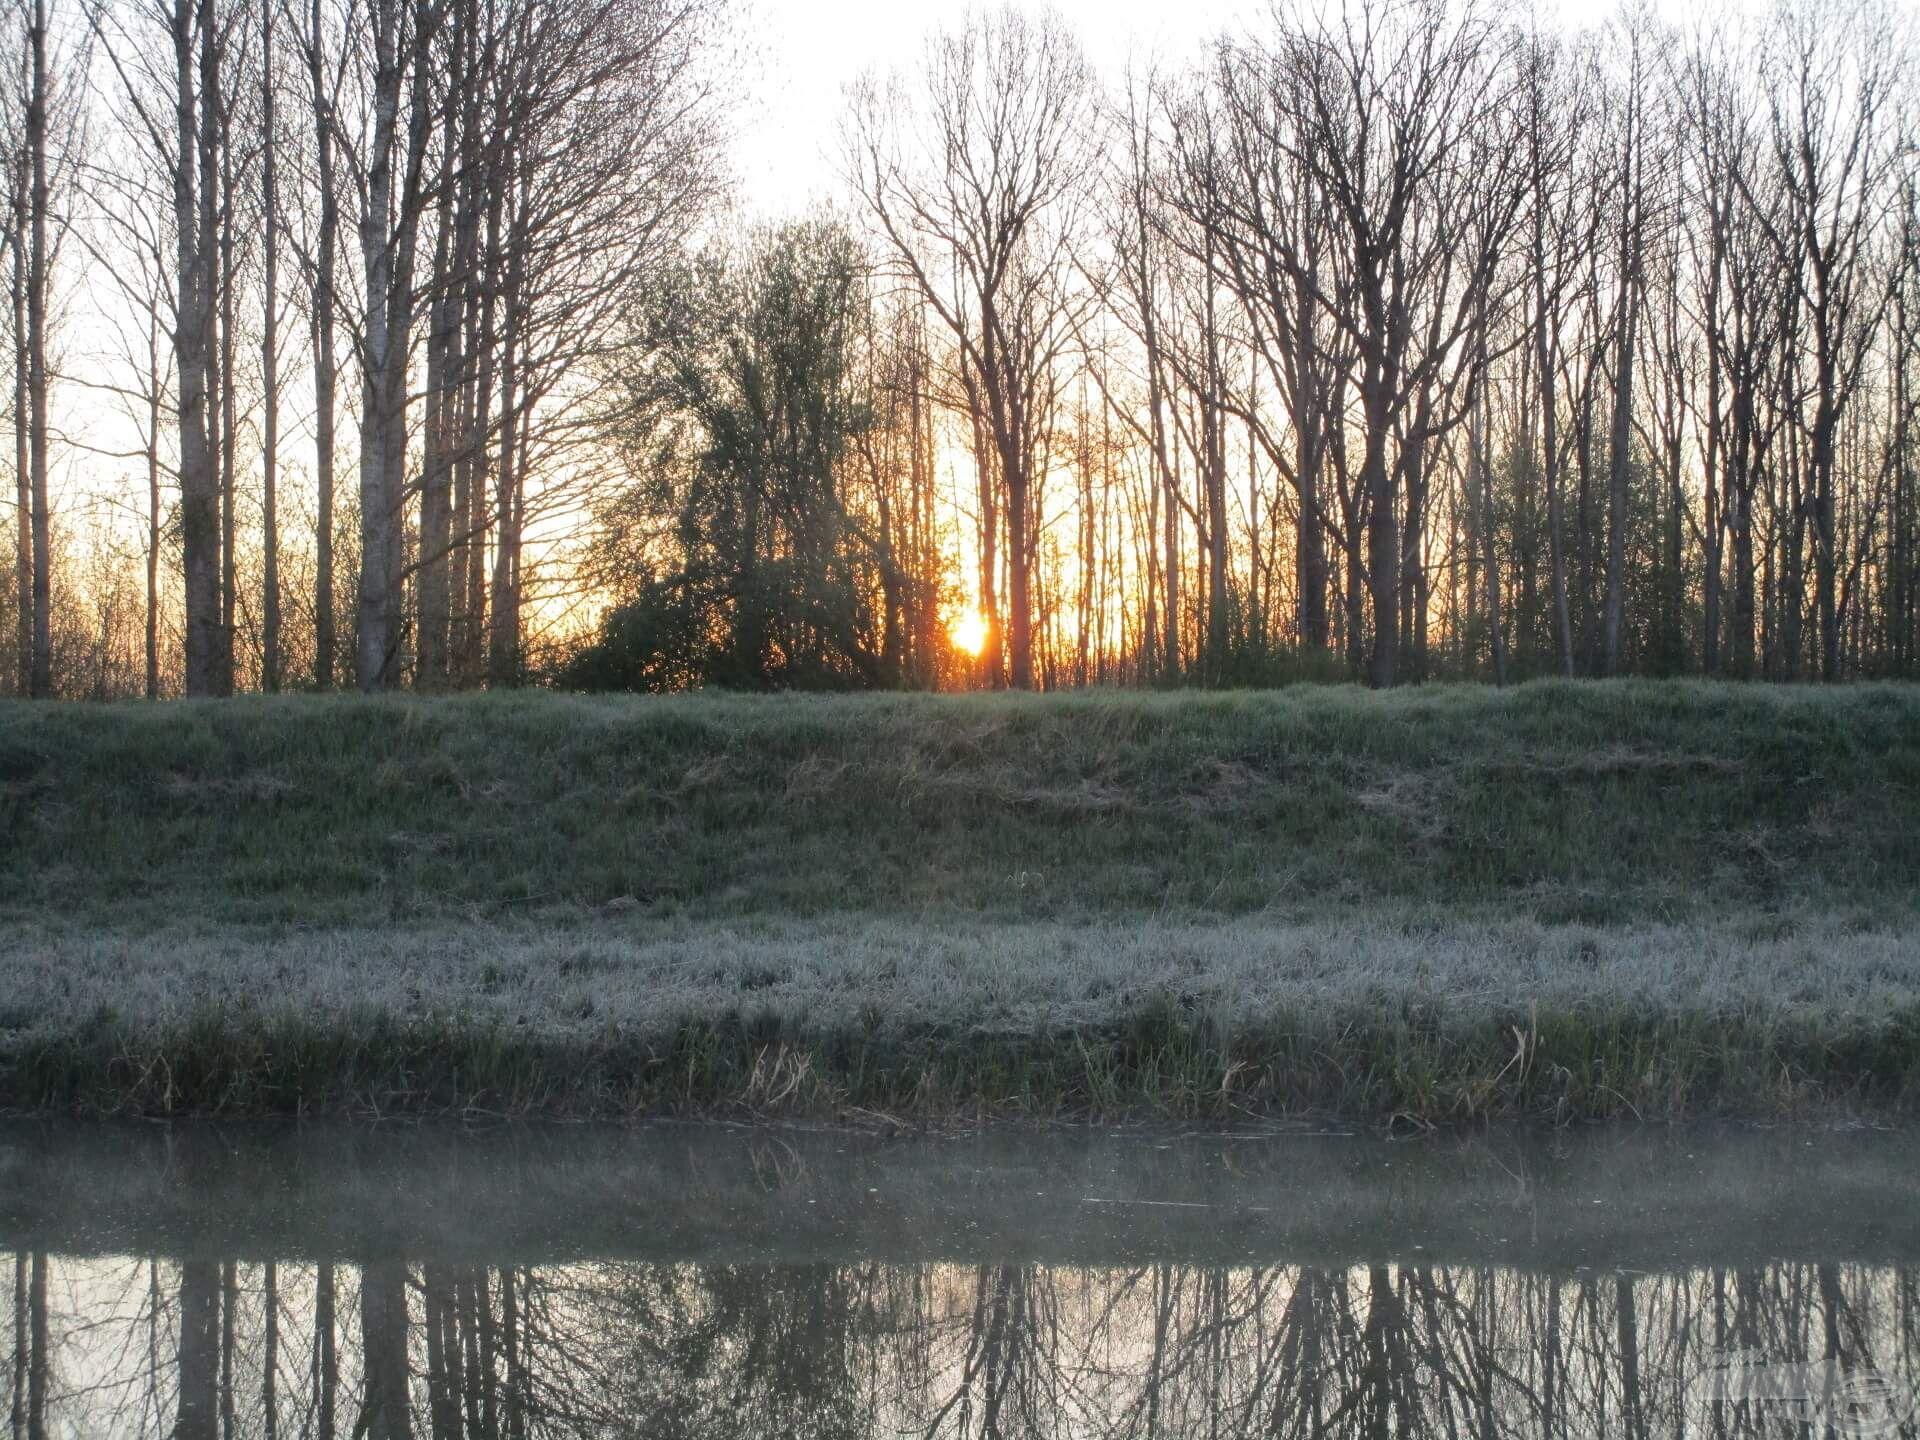 Korán érkeztem, de a nap lassan előbukkant a rügyező fák közül